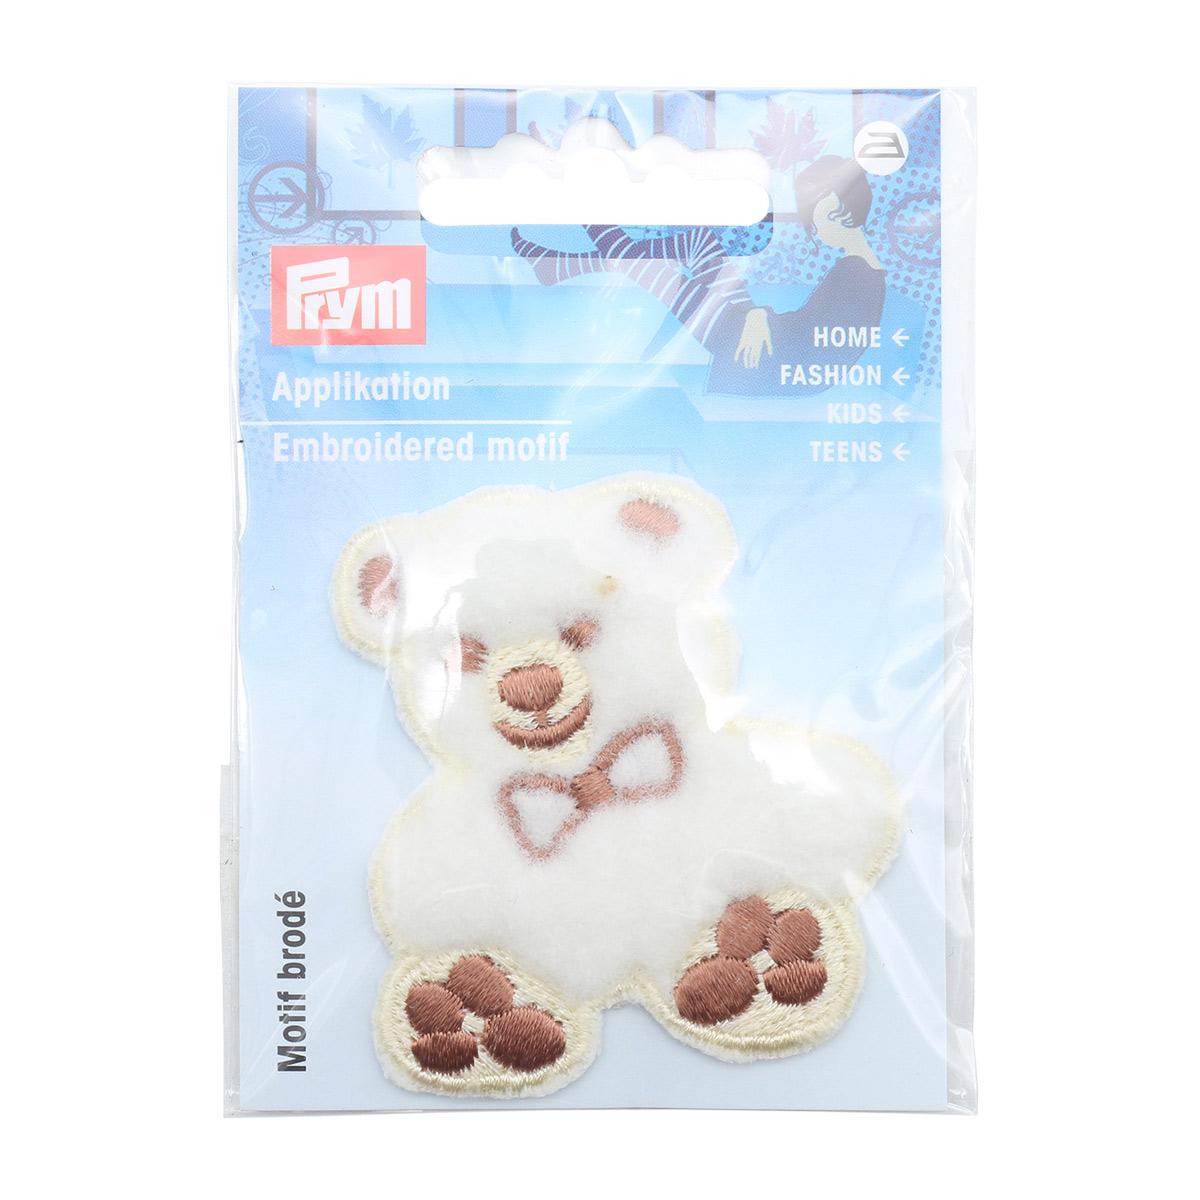 925262 Аппликация Плюшевый мишка, бежевый цв. Prym